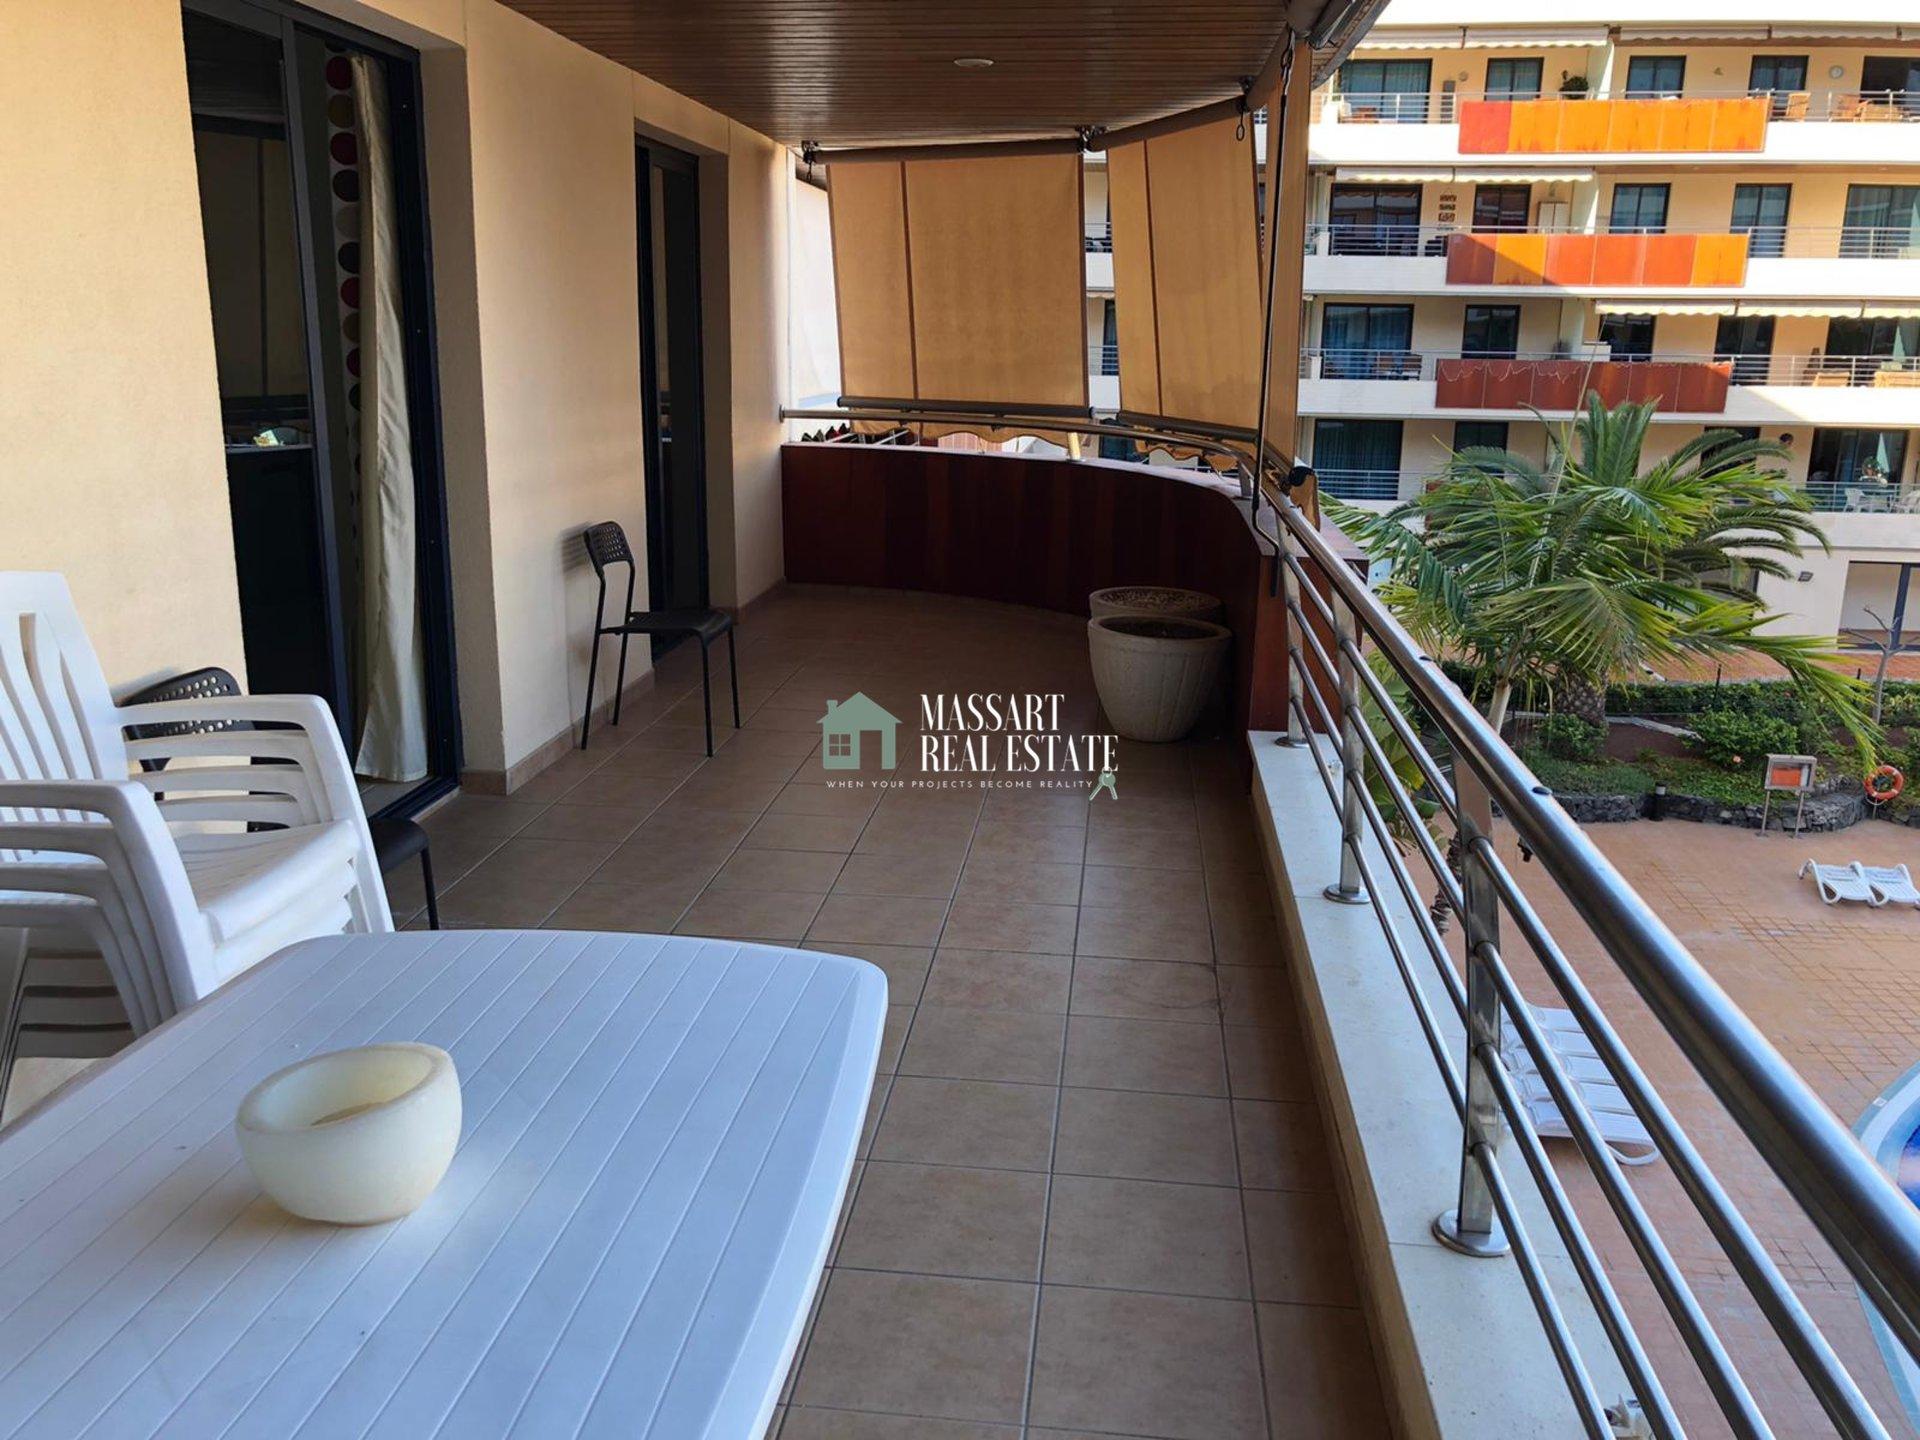 Te huur in een van de beste wooncomplexen in Puerto de Santiago, Balcón de Los Gigantes, een gemeubileerd appartement van 120 m2 in zeer goede staat.